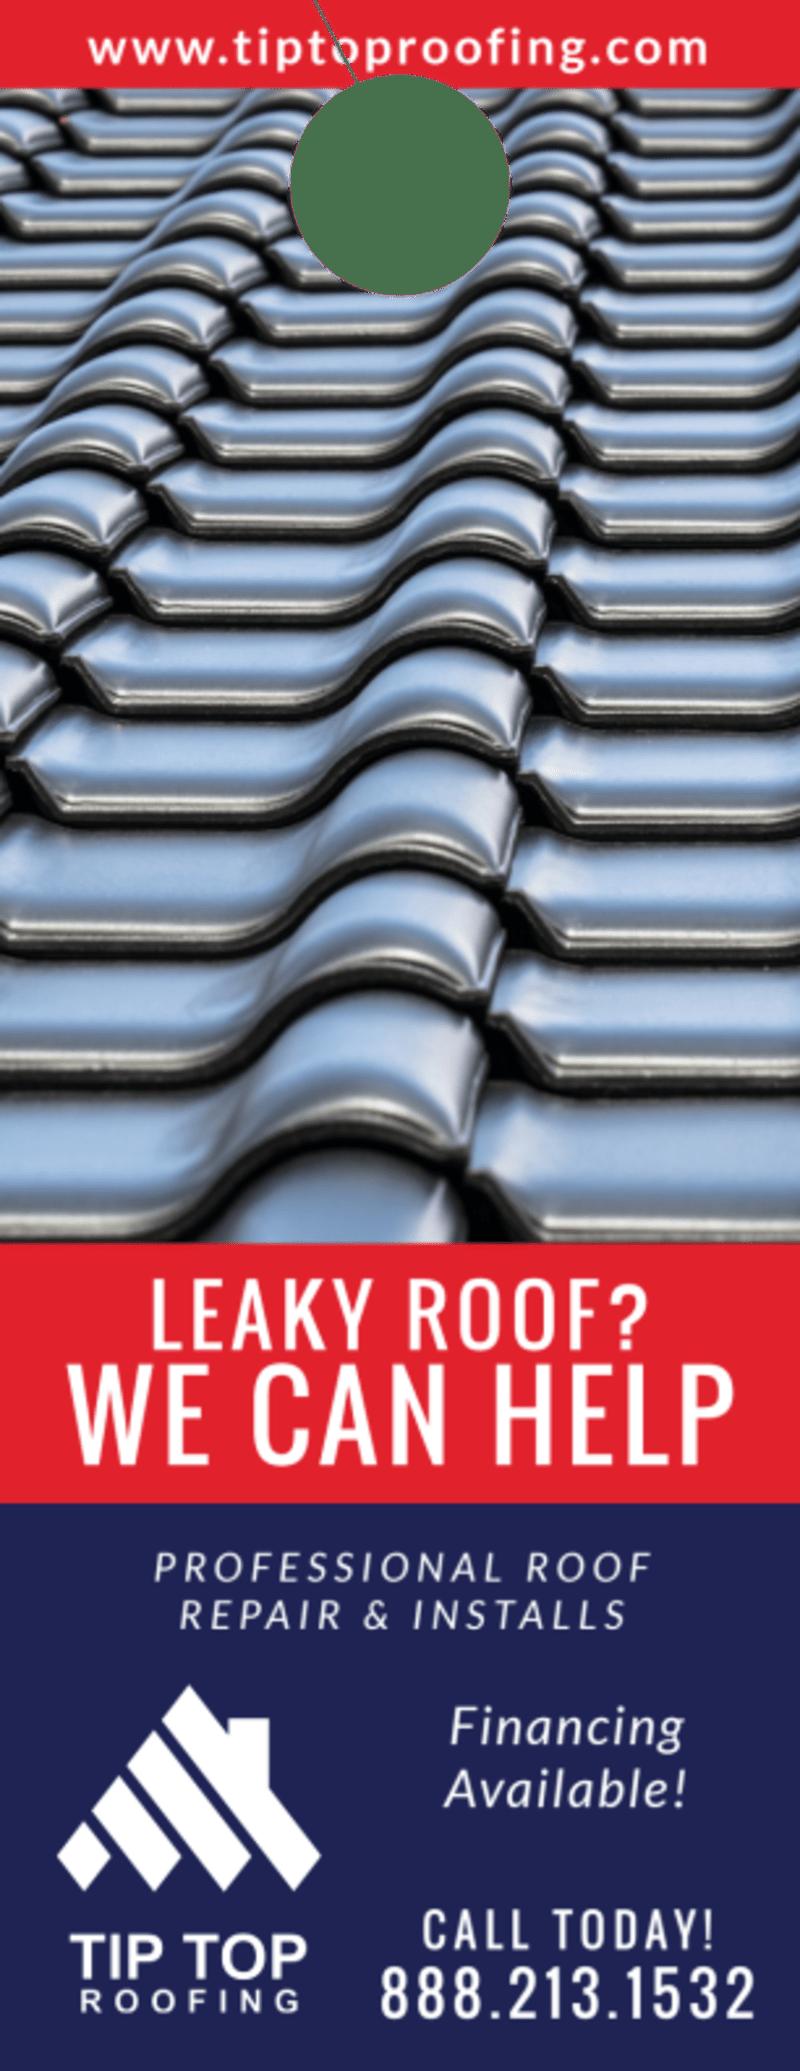 Professional Roofing Door Hanger Template Preview 2